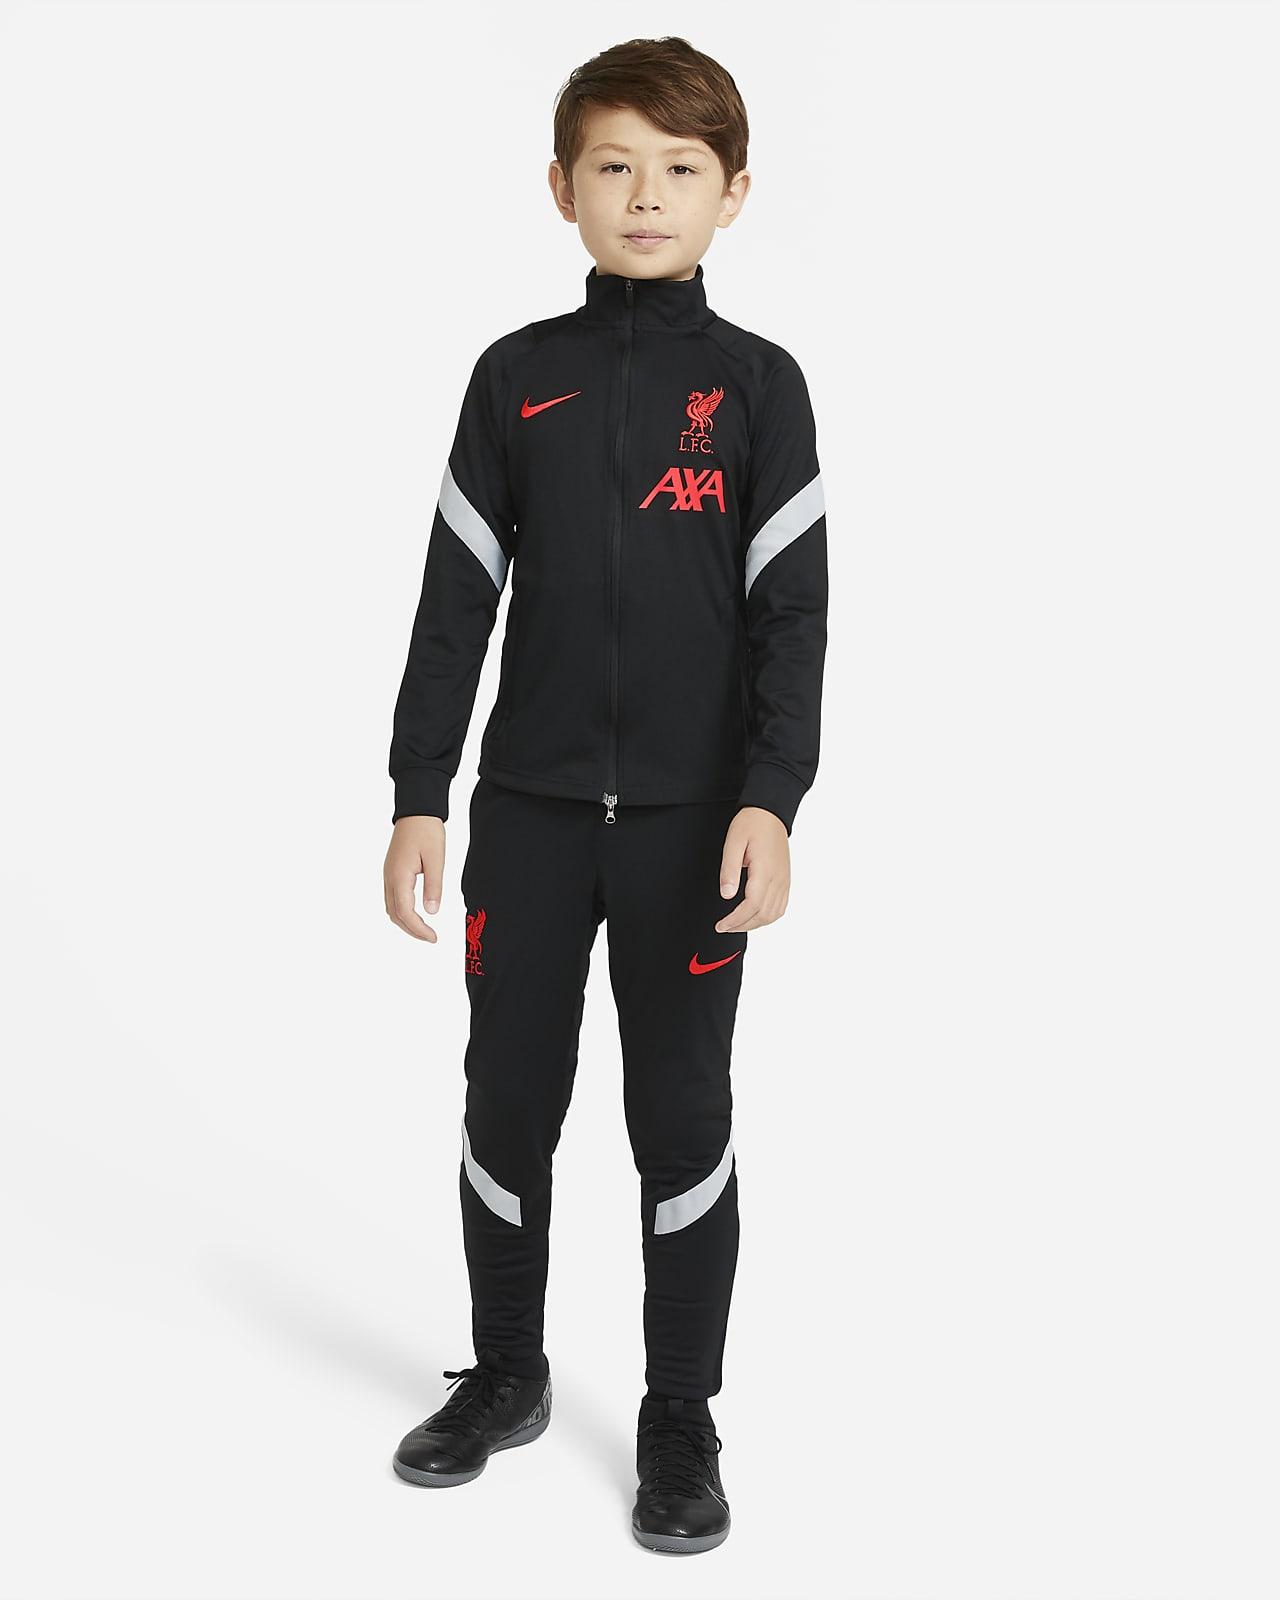 Liverpool FC Strike Voetbaltrainingspak voor kids